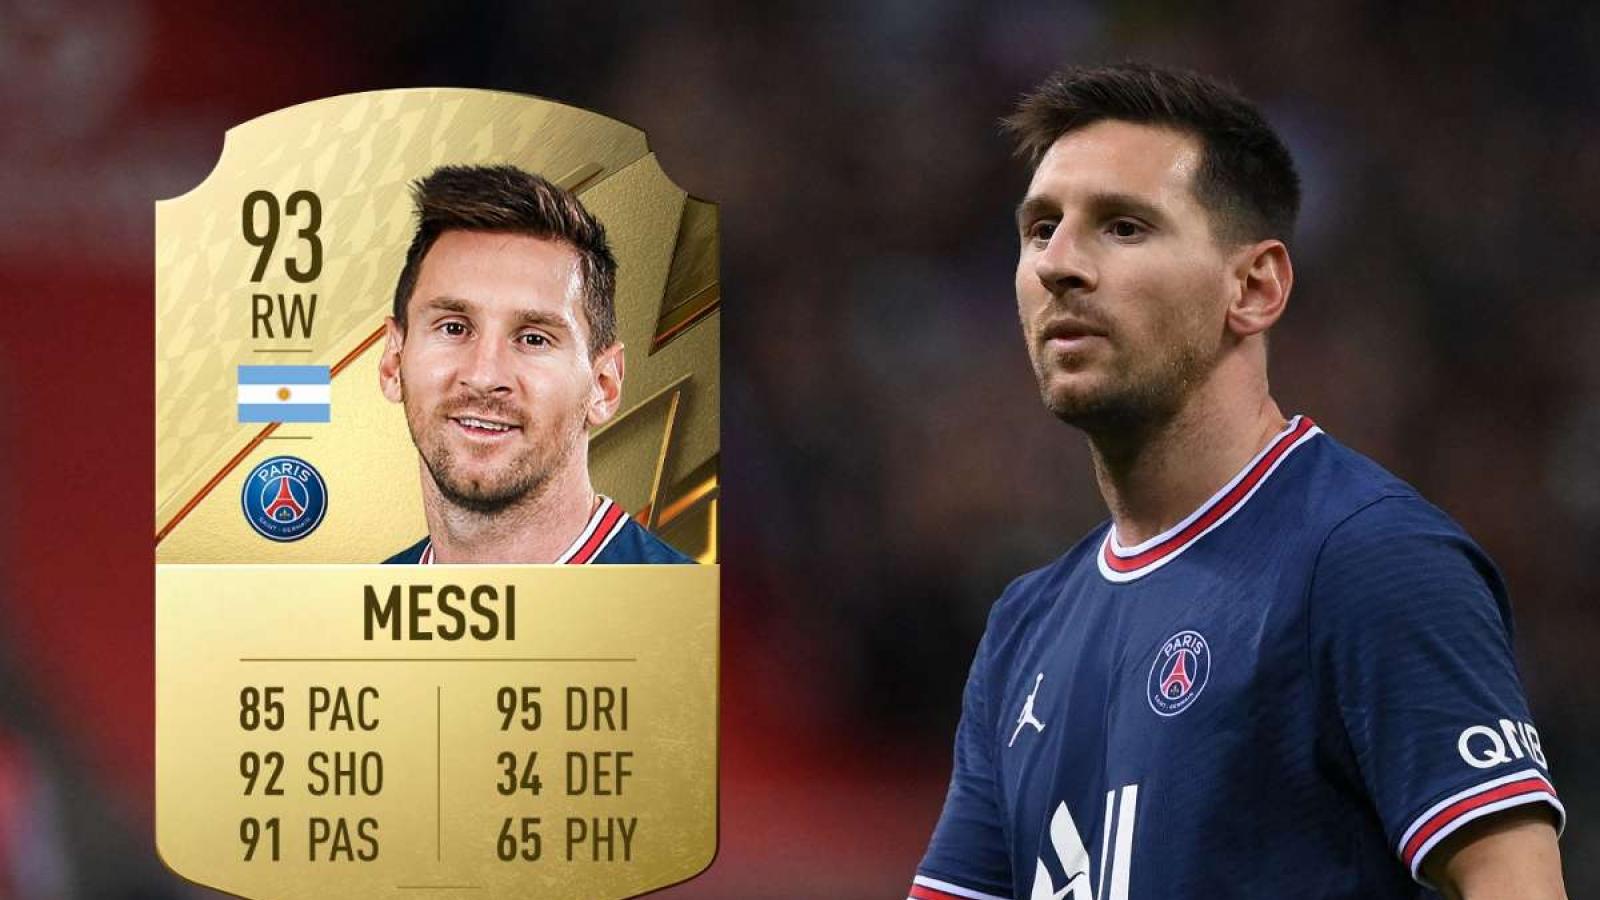 Ai thay thế Messi làm cầu thủ xuất sắc nhất La Liga trong FIFA 22?